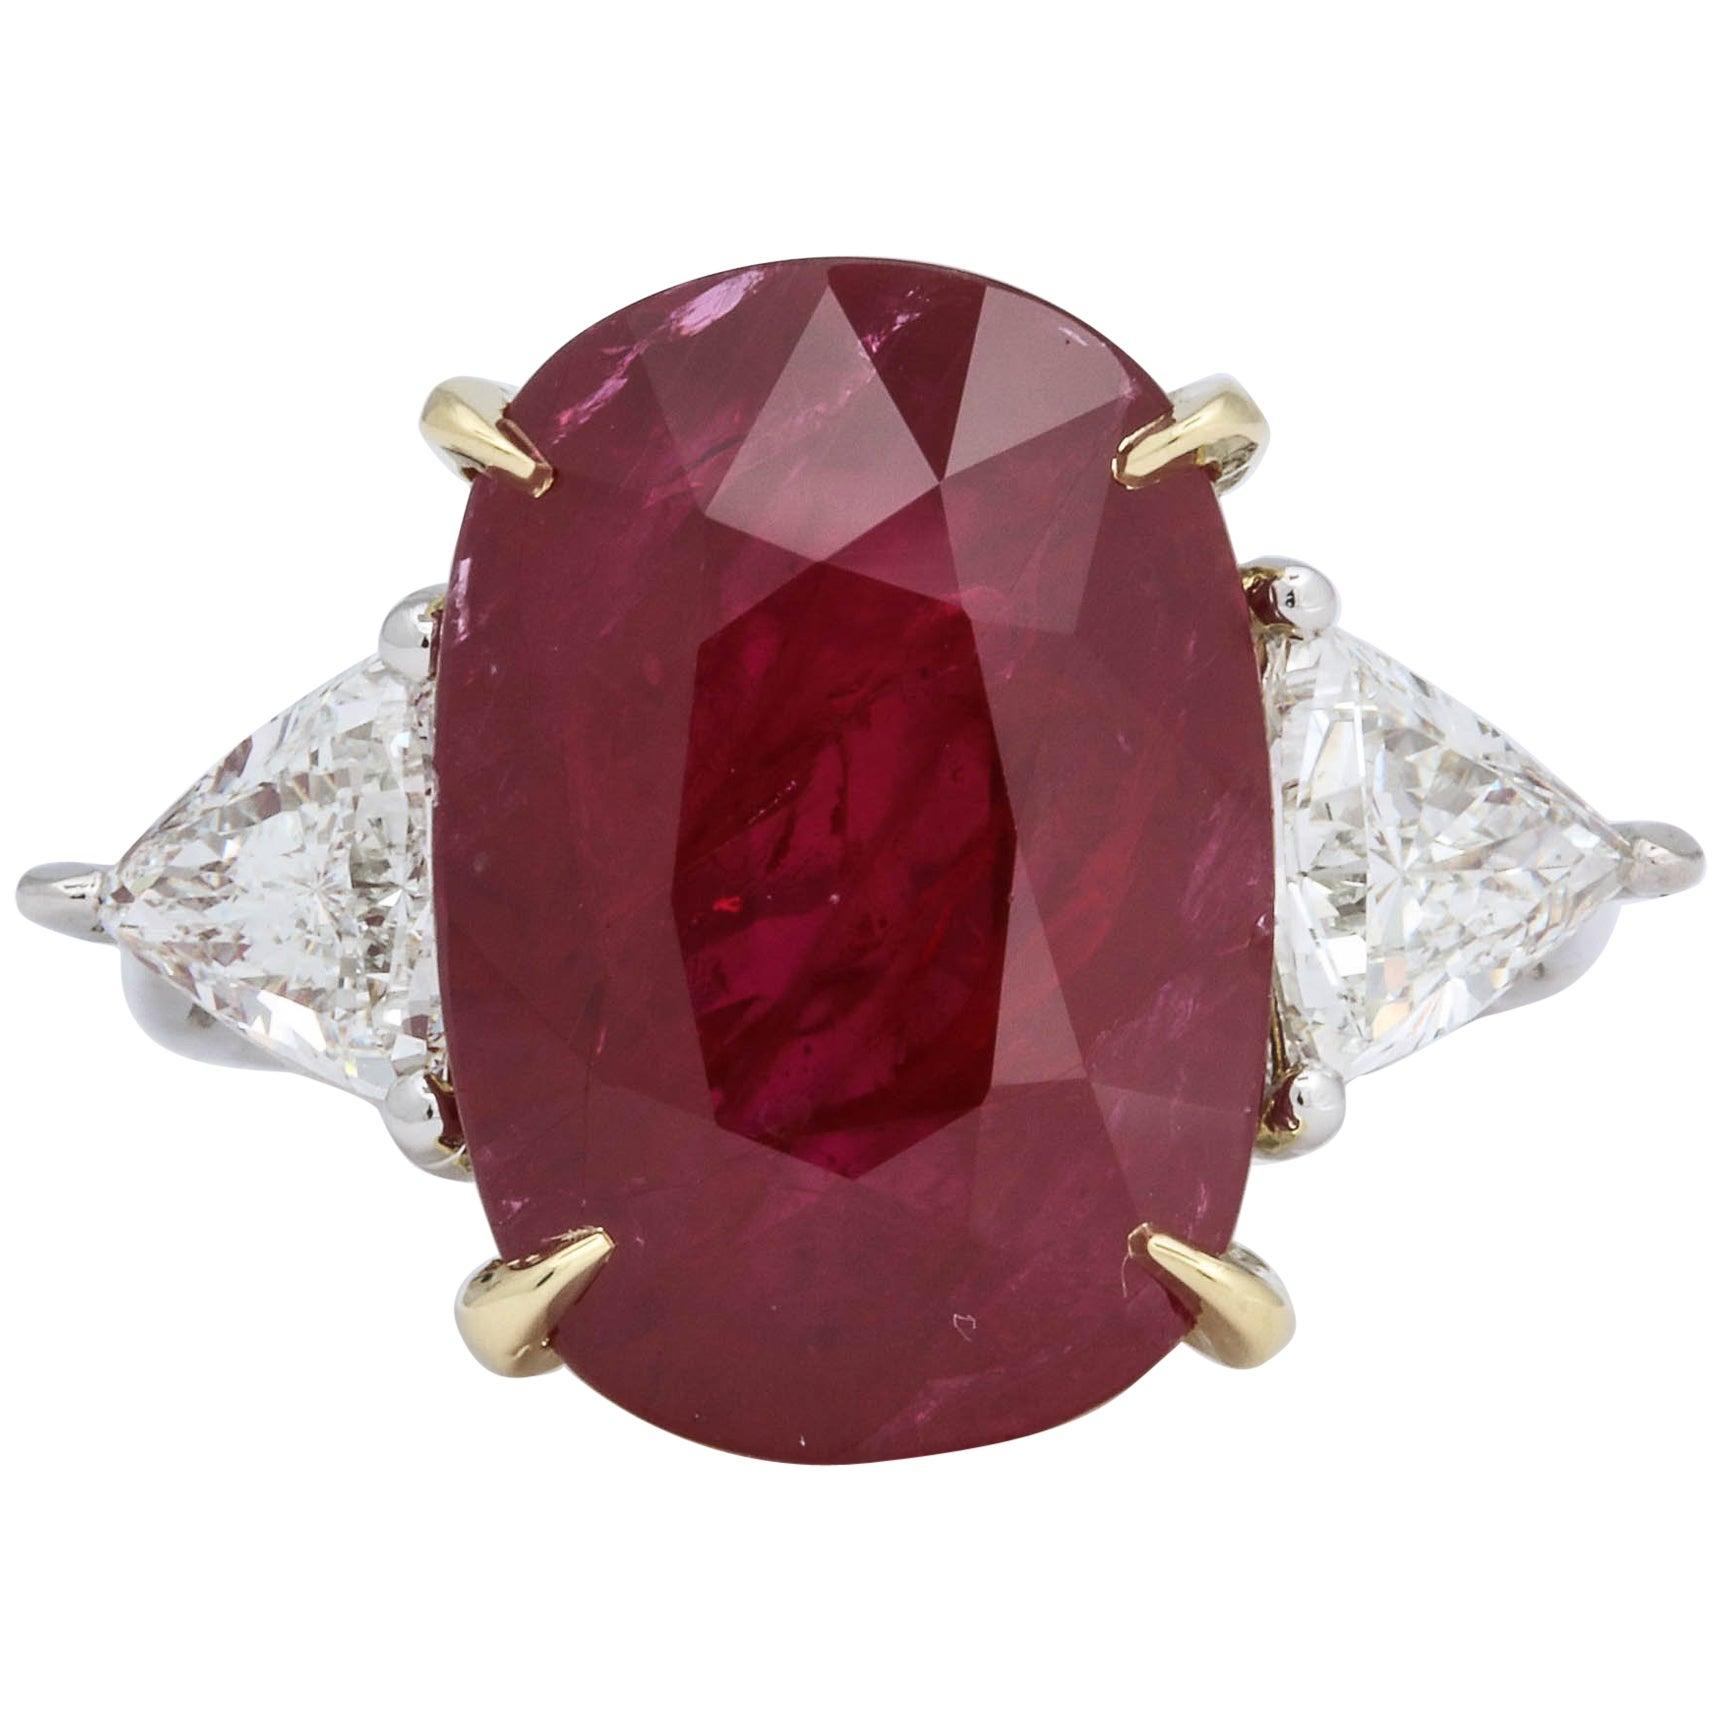 11.50 Carat GIA Certified Ruby Ring